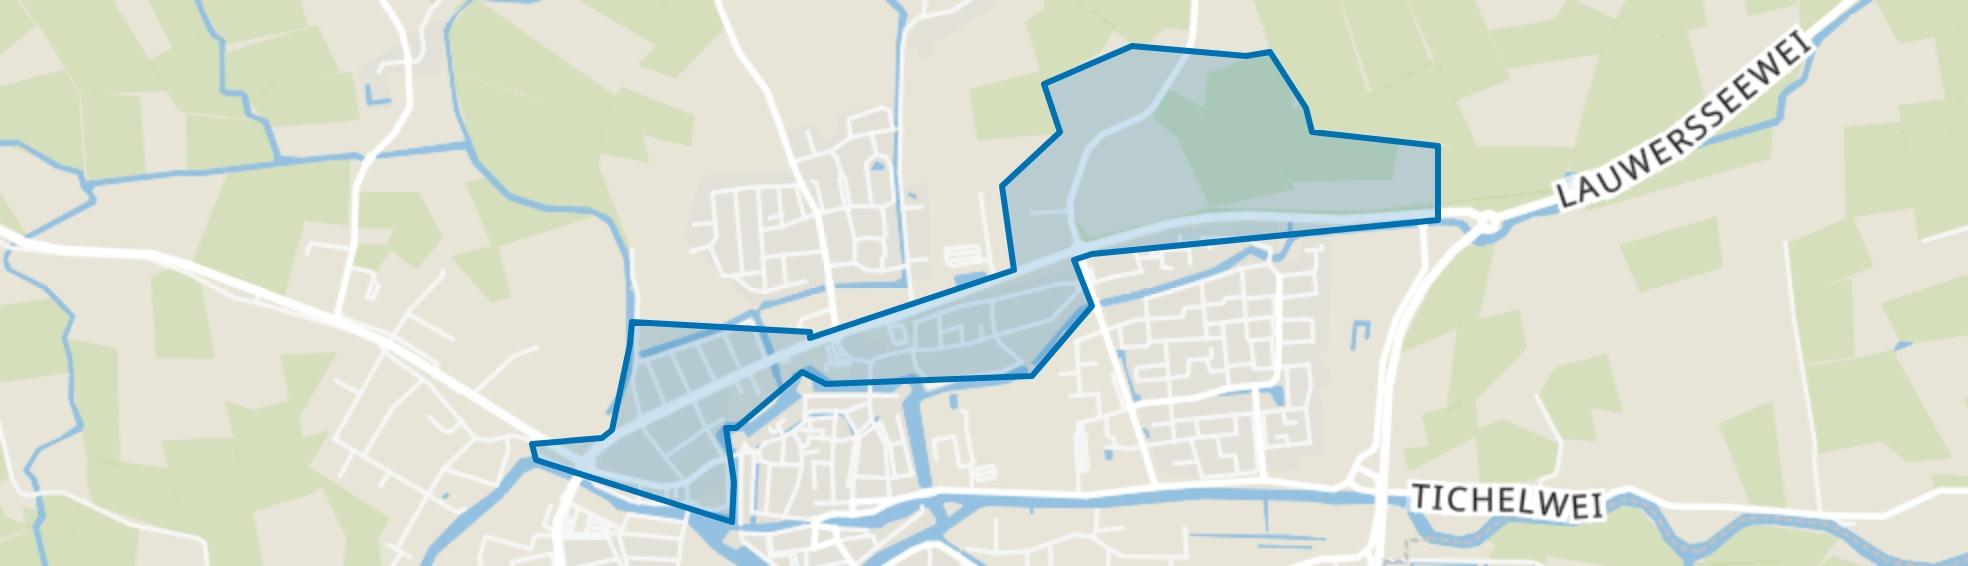 Dokkum Noord, Dokkum map